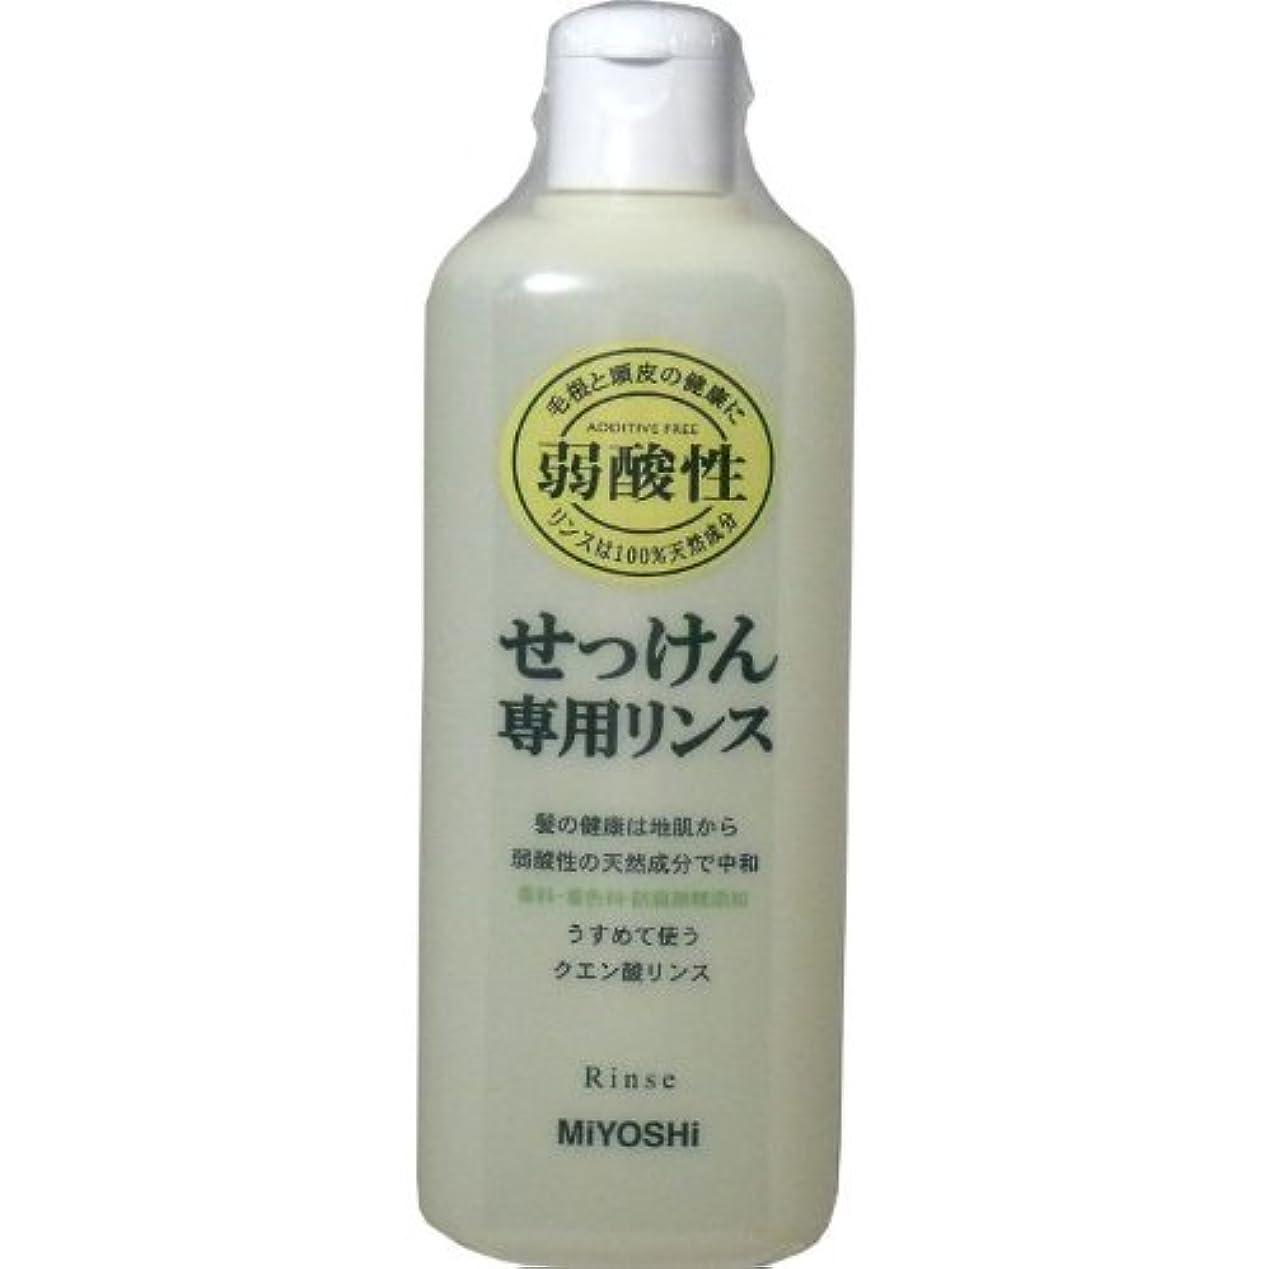 ベーカリー瞬時に髪の健康は地肌から、弱酸性の天然成分で中和!!香料、防腐剤、着色料無添加!うすめて使うクエン酸リンス!リンス 350mL